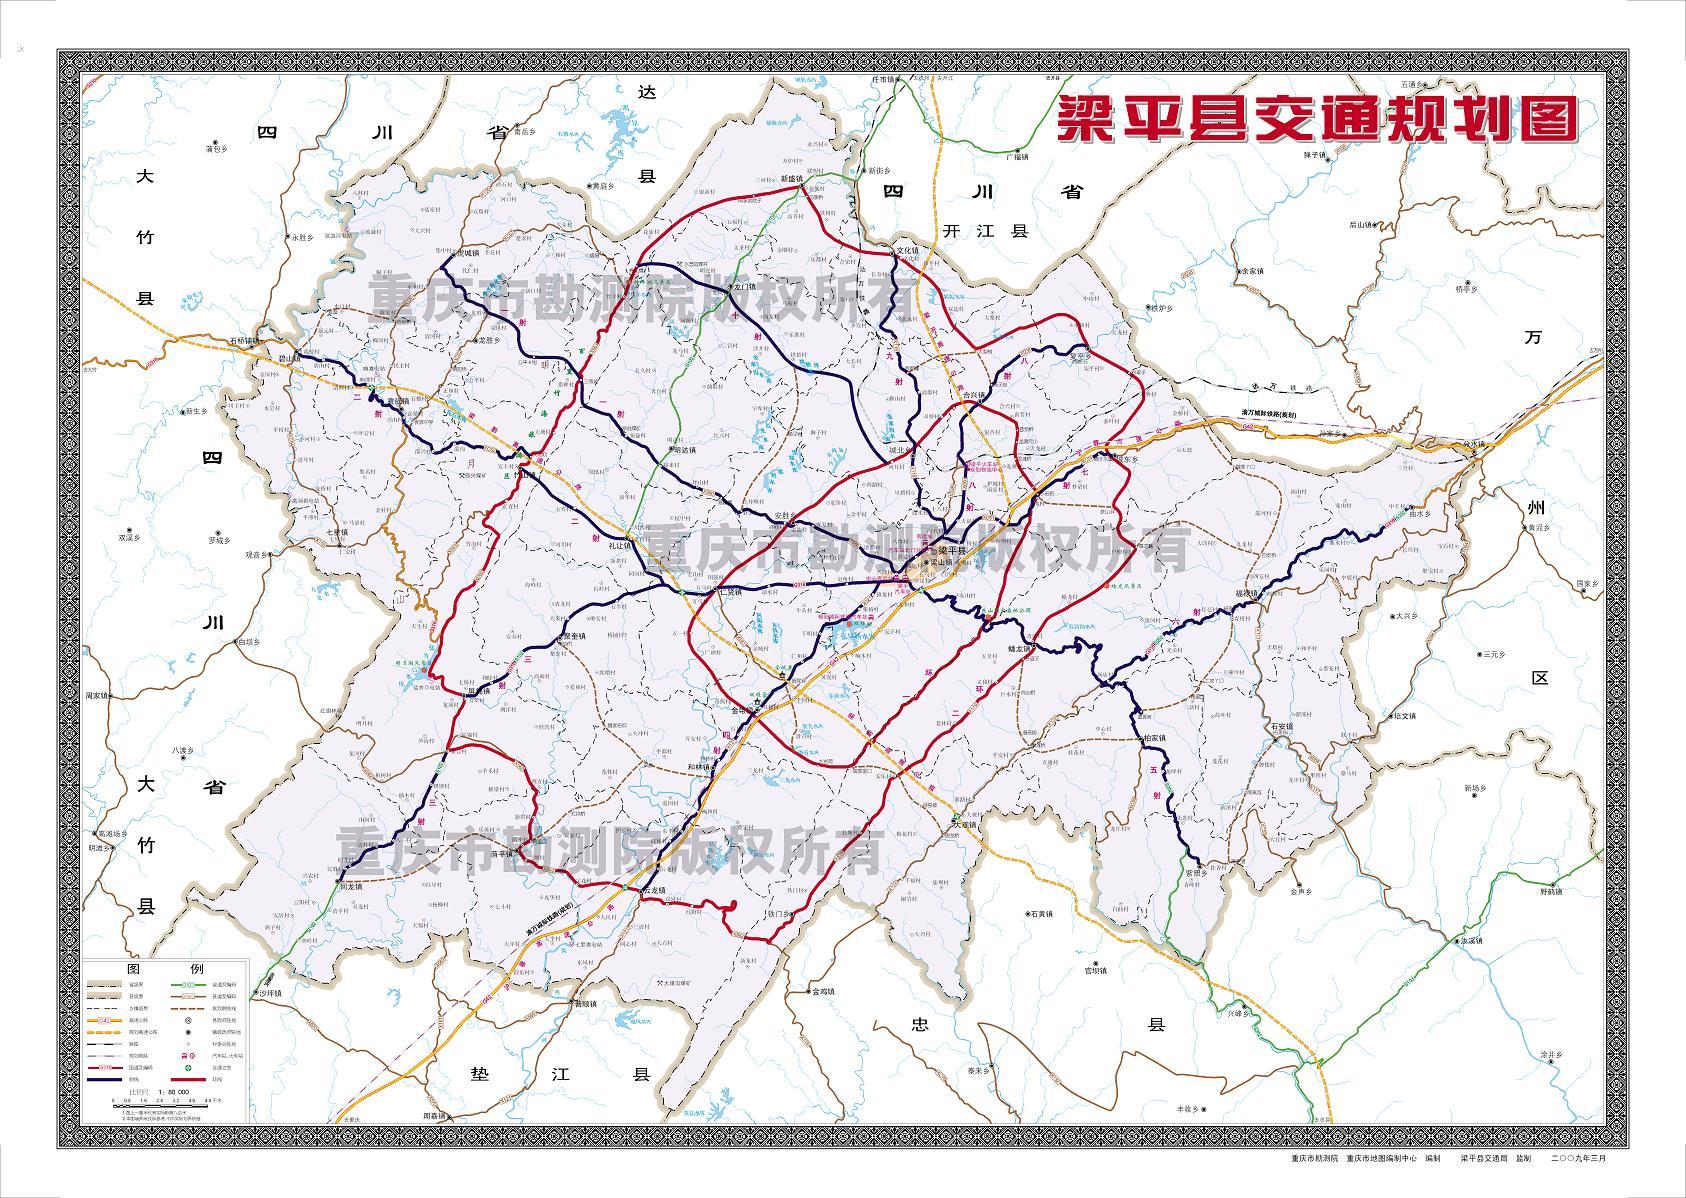 重庆大学 手绘地图